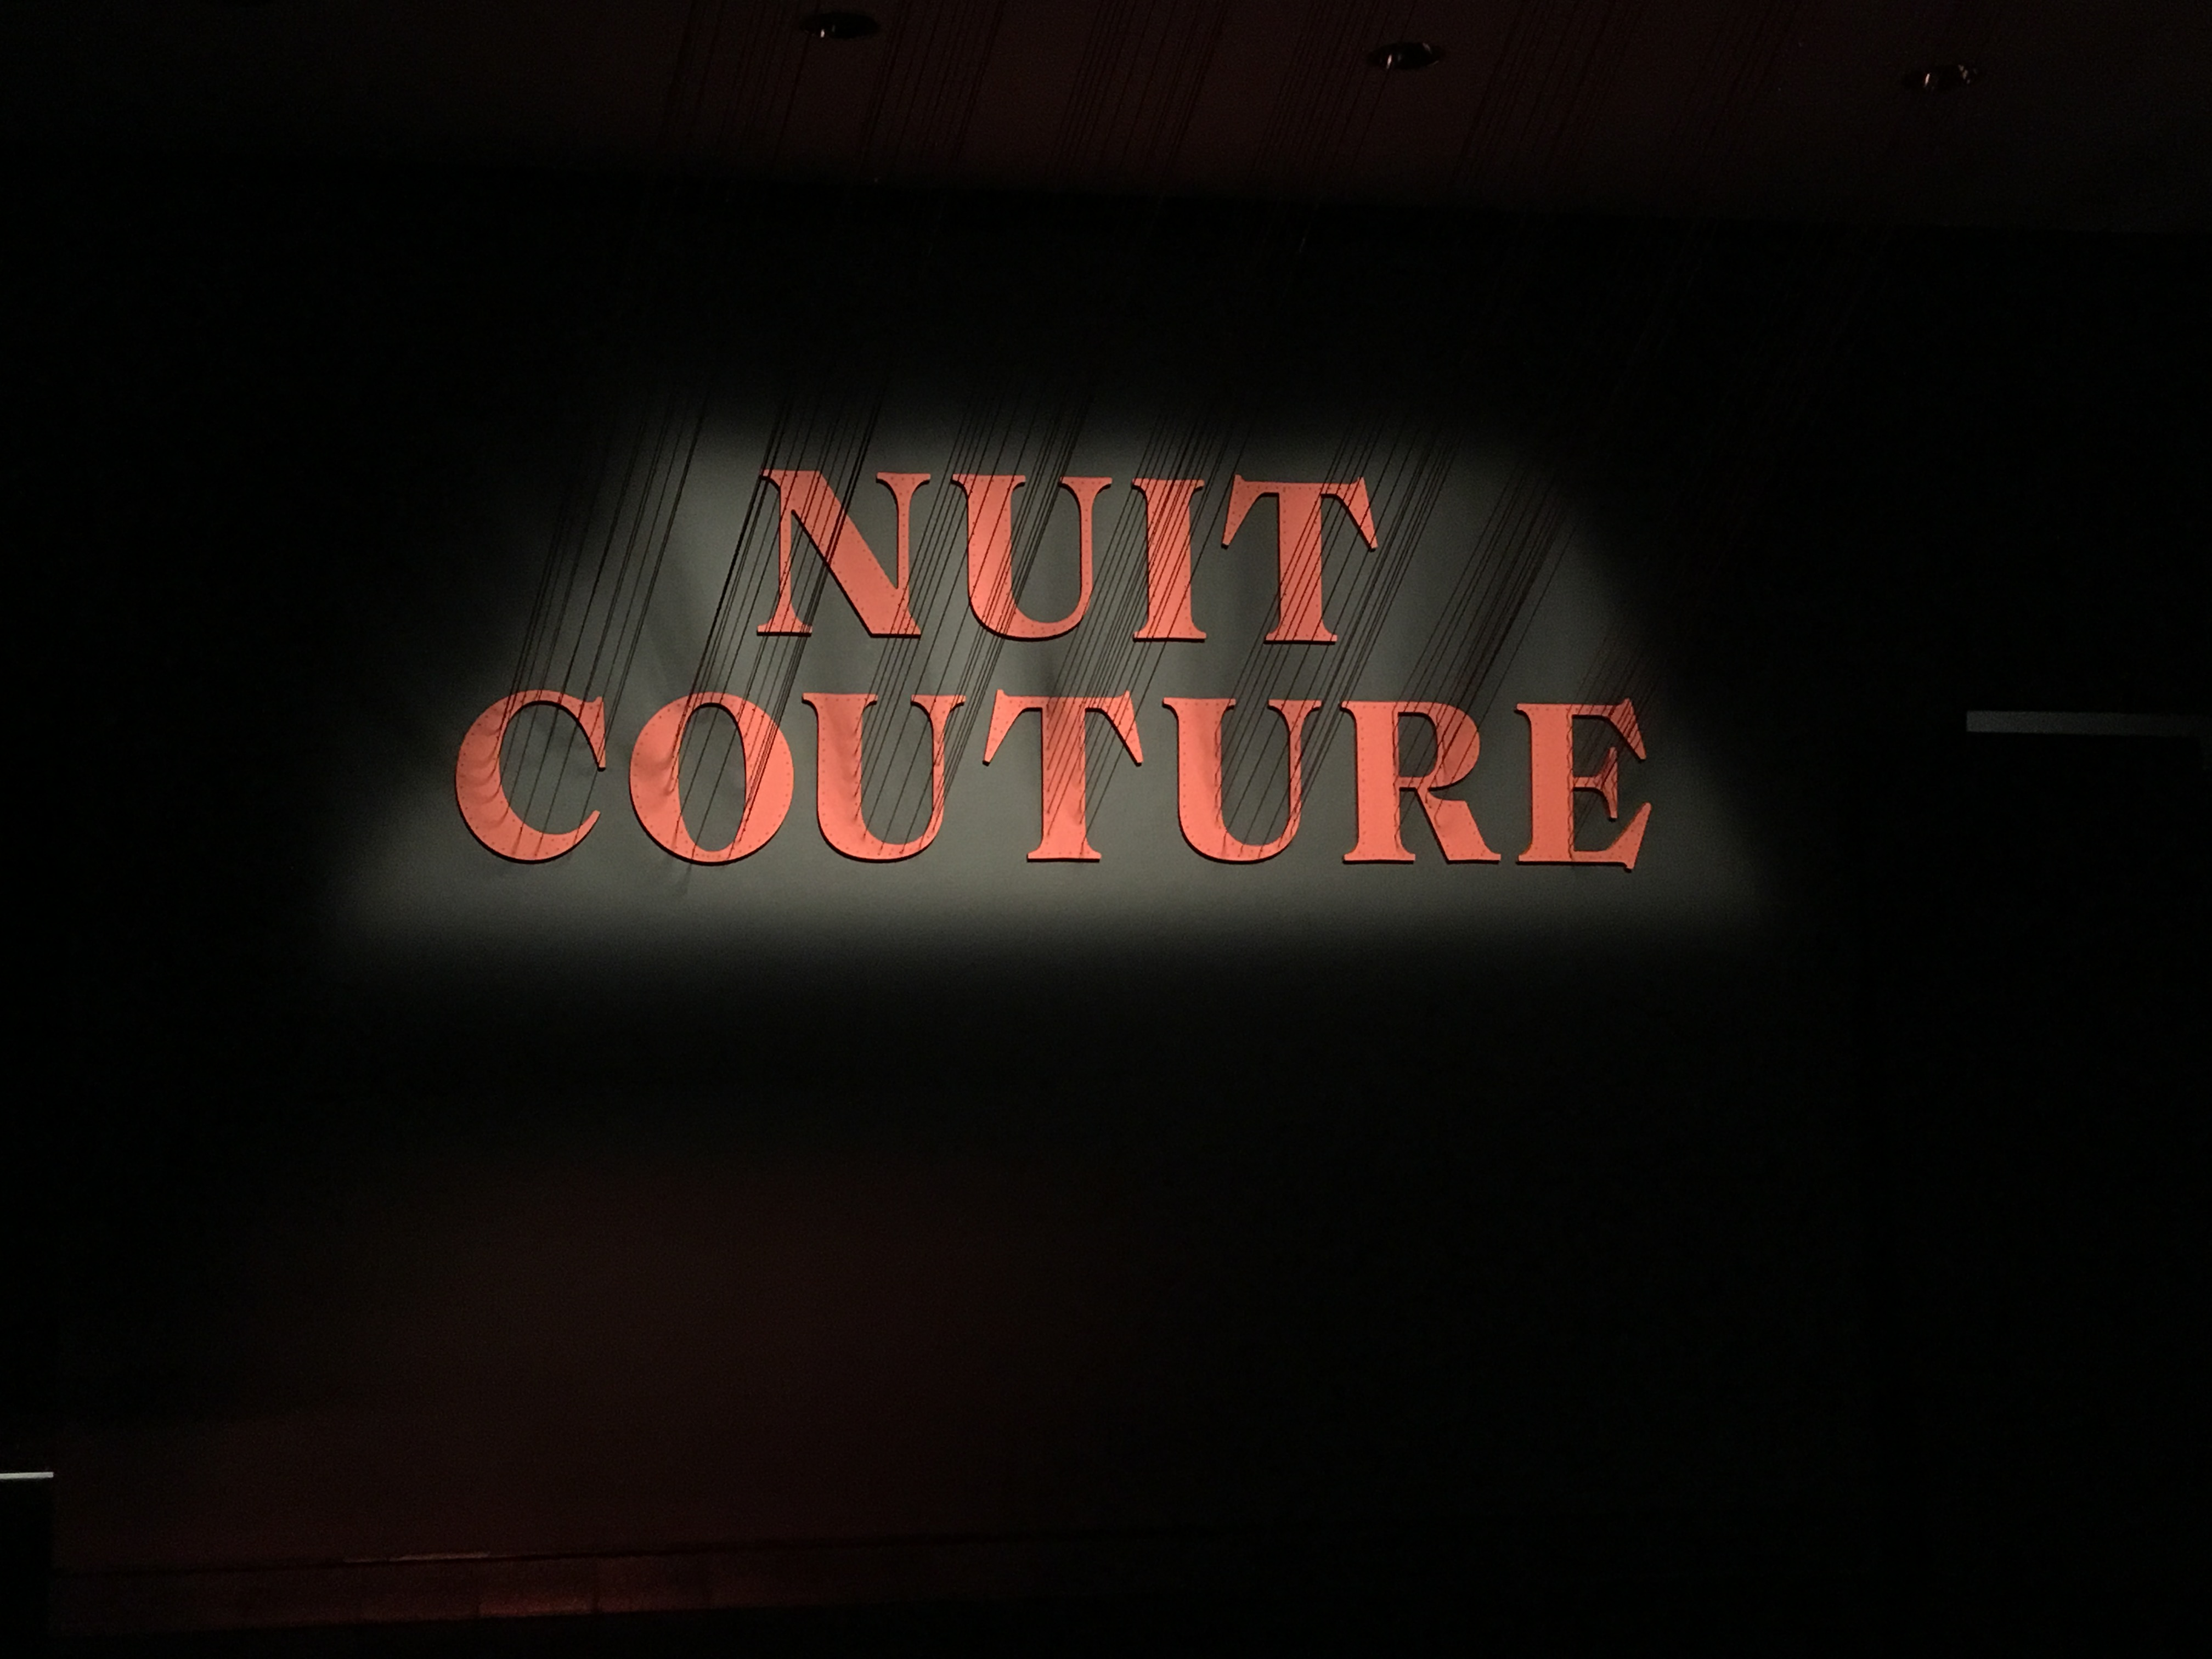 Bal - soirée - événement - musée -mbam - society - benefit - Nuit Couture